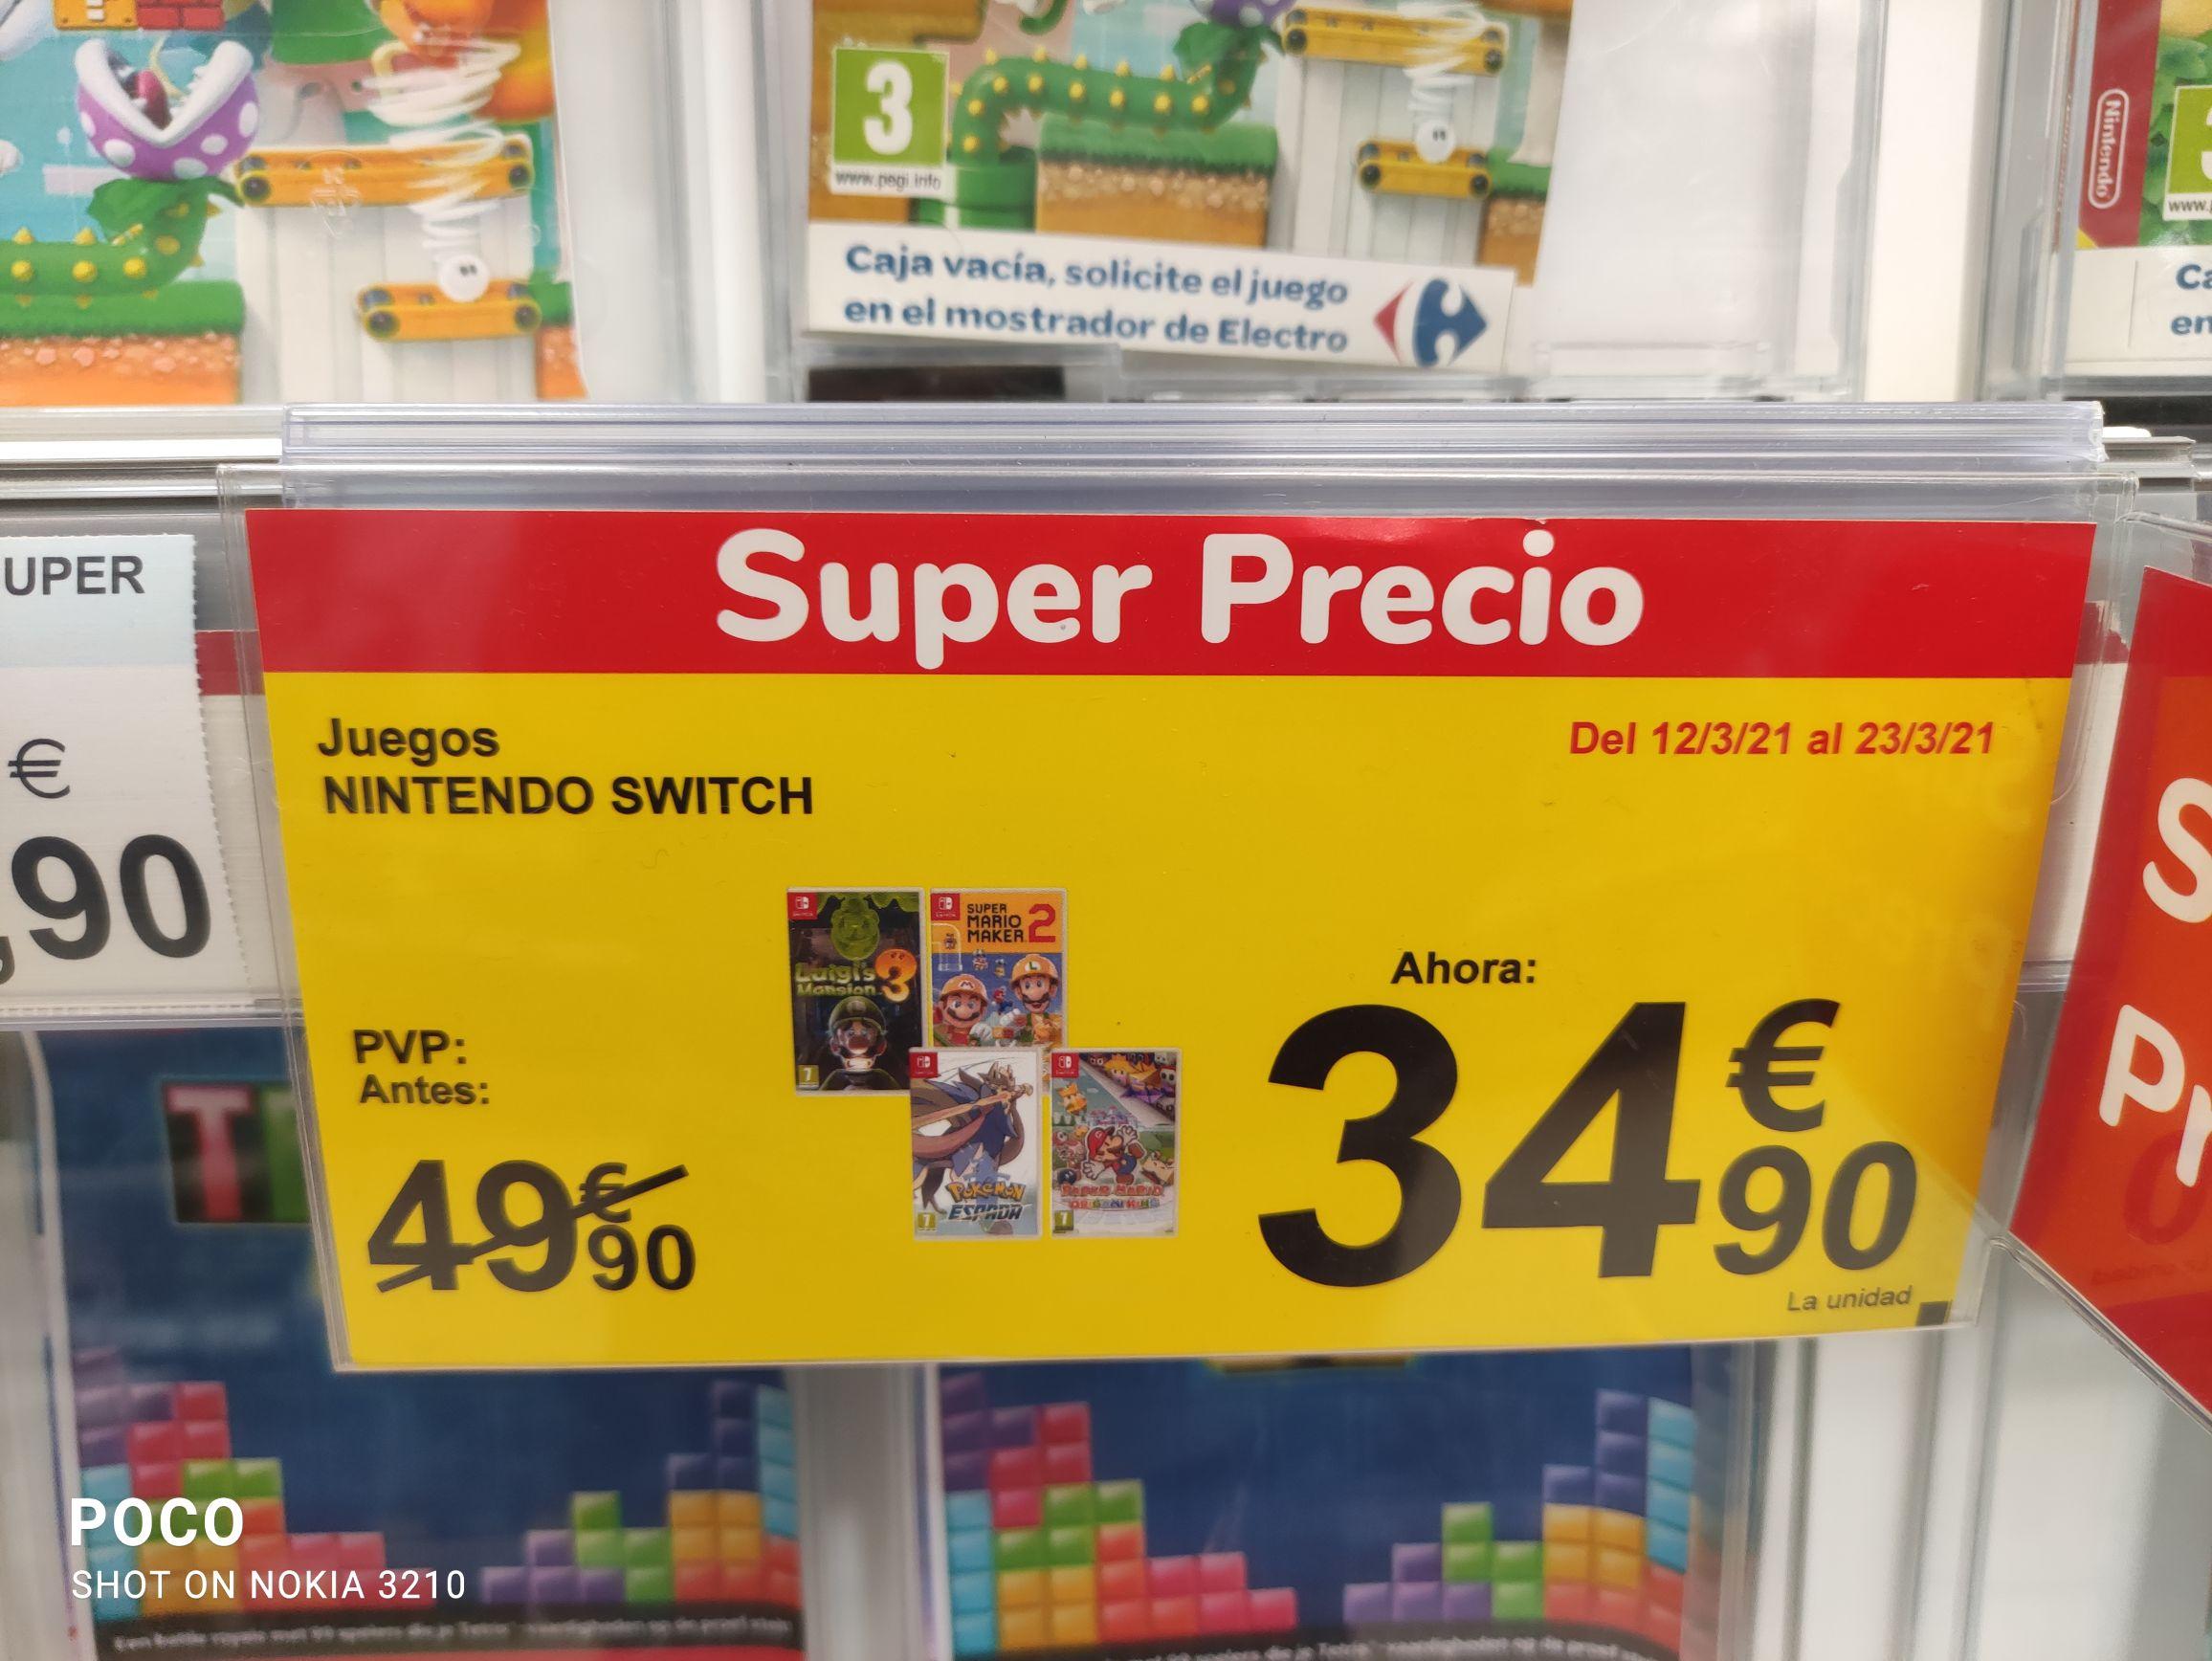 Ofertas juegos Switch en tiendas Carrefour